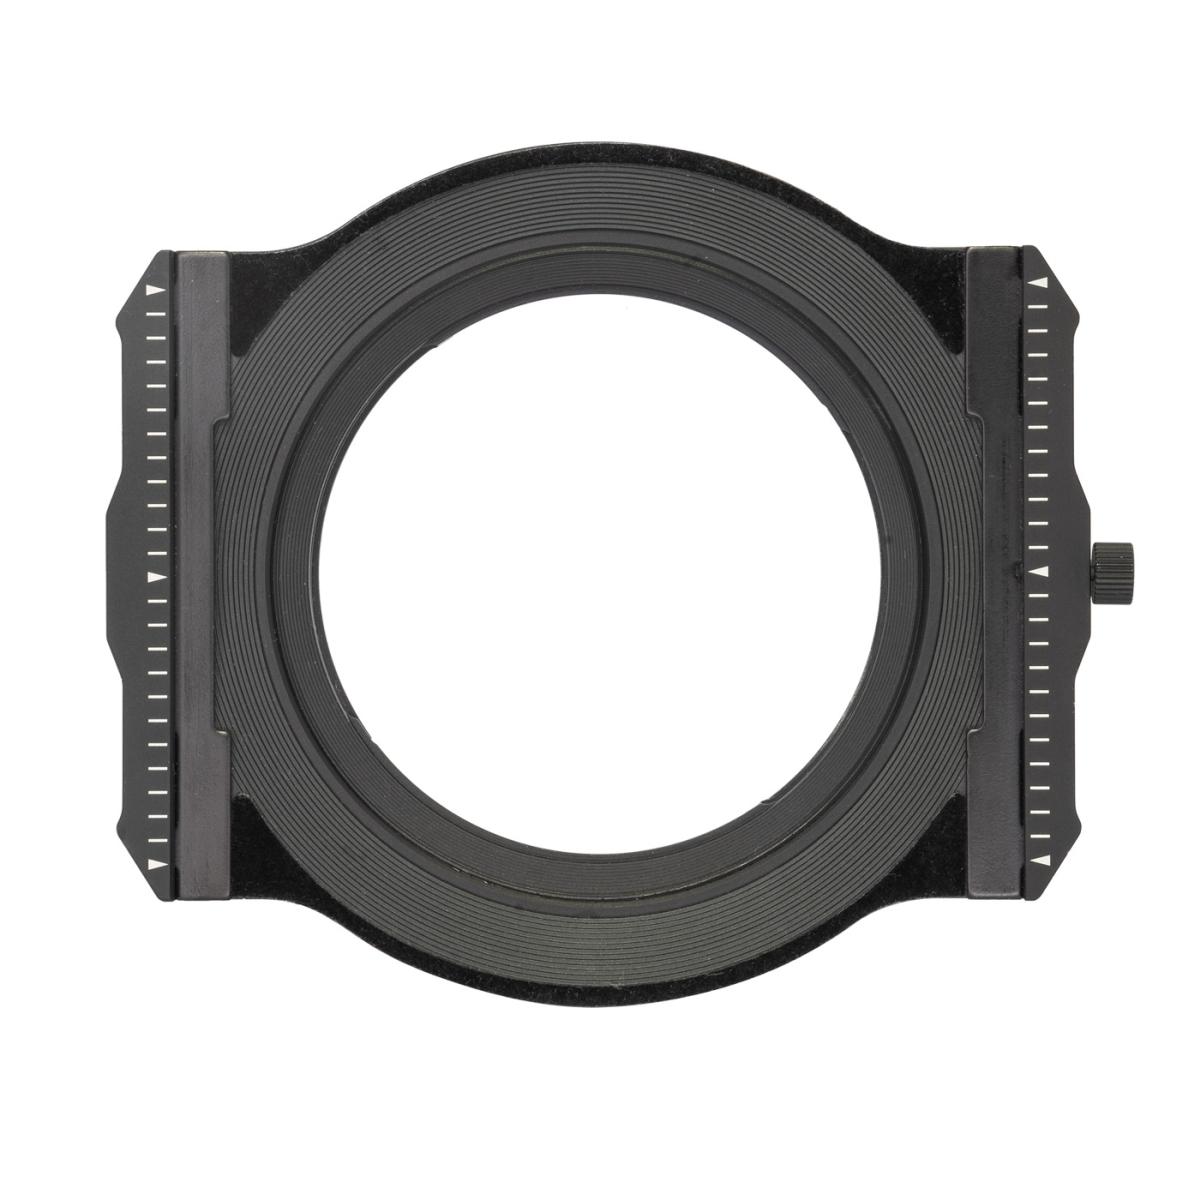 Laowa Filterhalter Set für 15 mm 1:4,5 Zero-D Shift